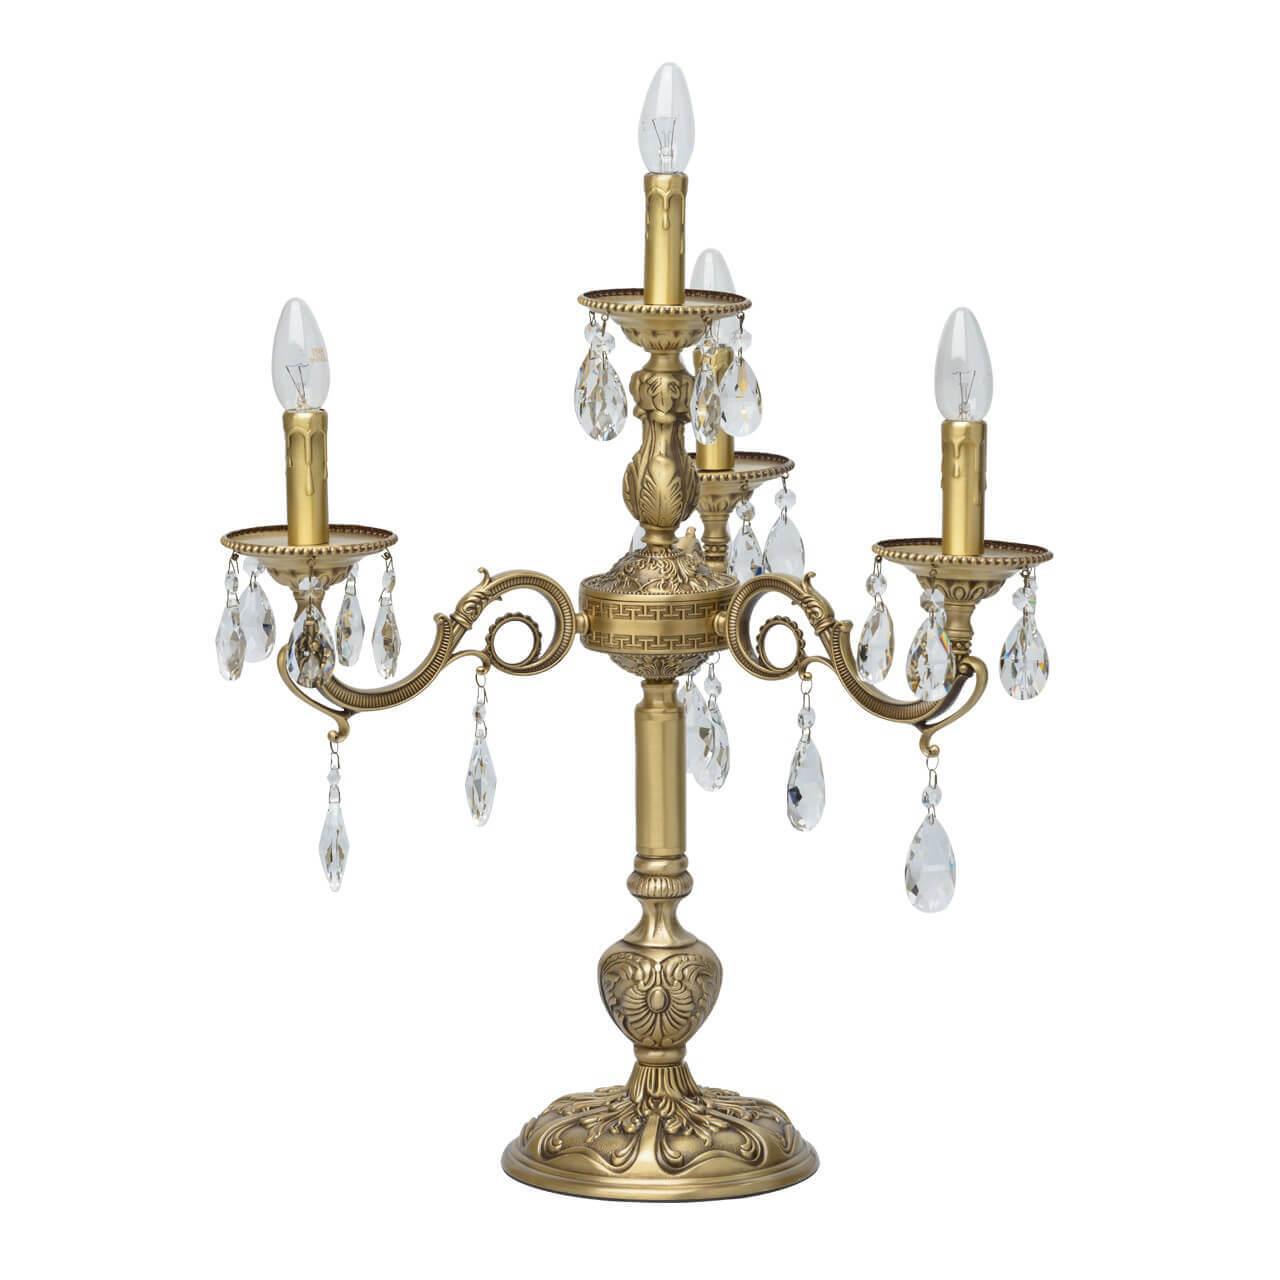 Настольная лампа Chiaro 411032704 Паула бра chiaro 411023902 паула